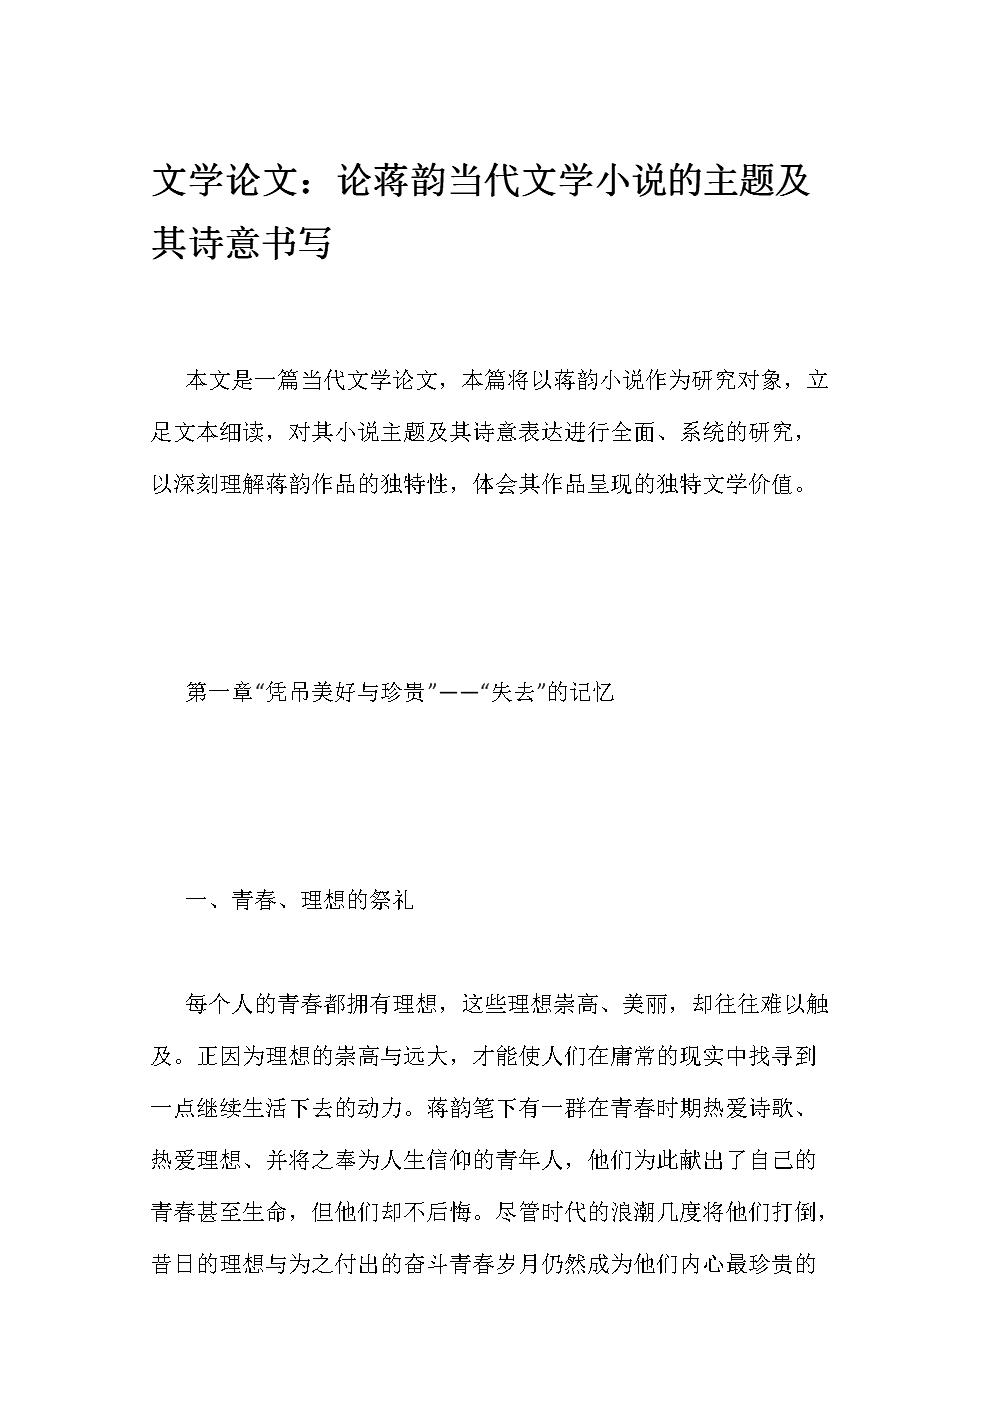 文学论文:论蒋韵当代文学小说的主题及其诗意书写.docx